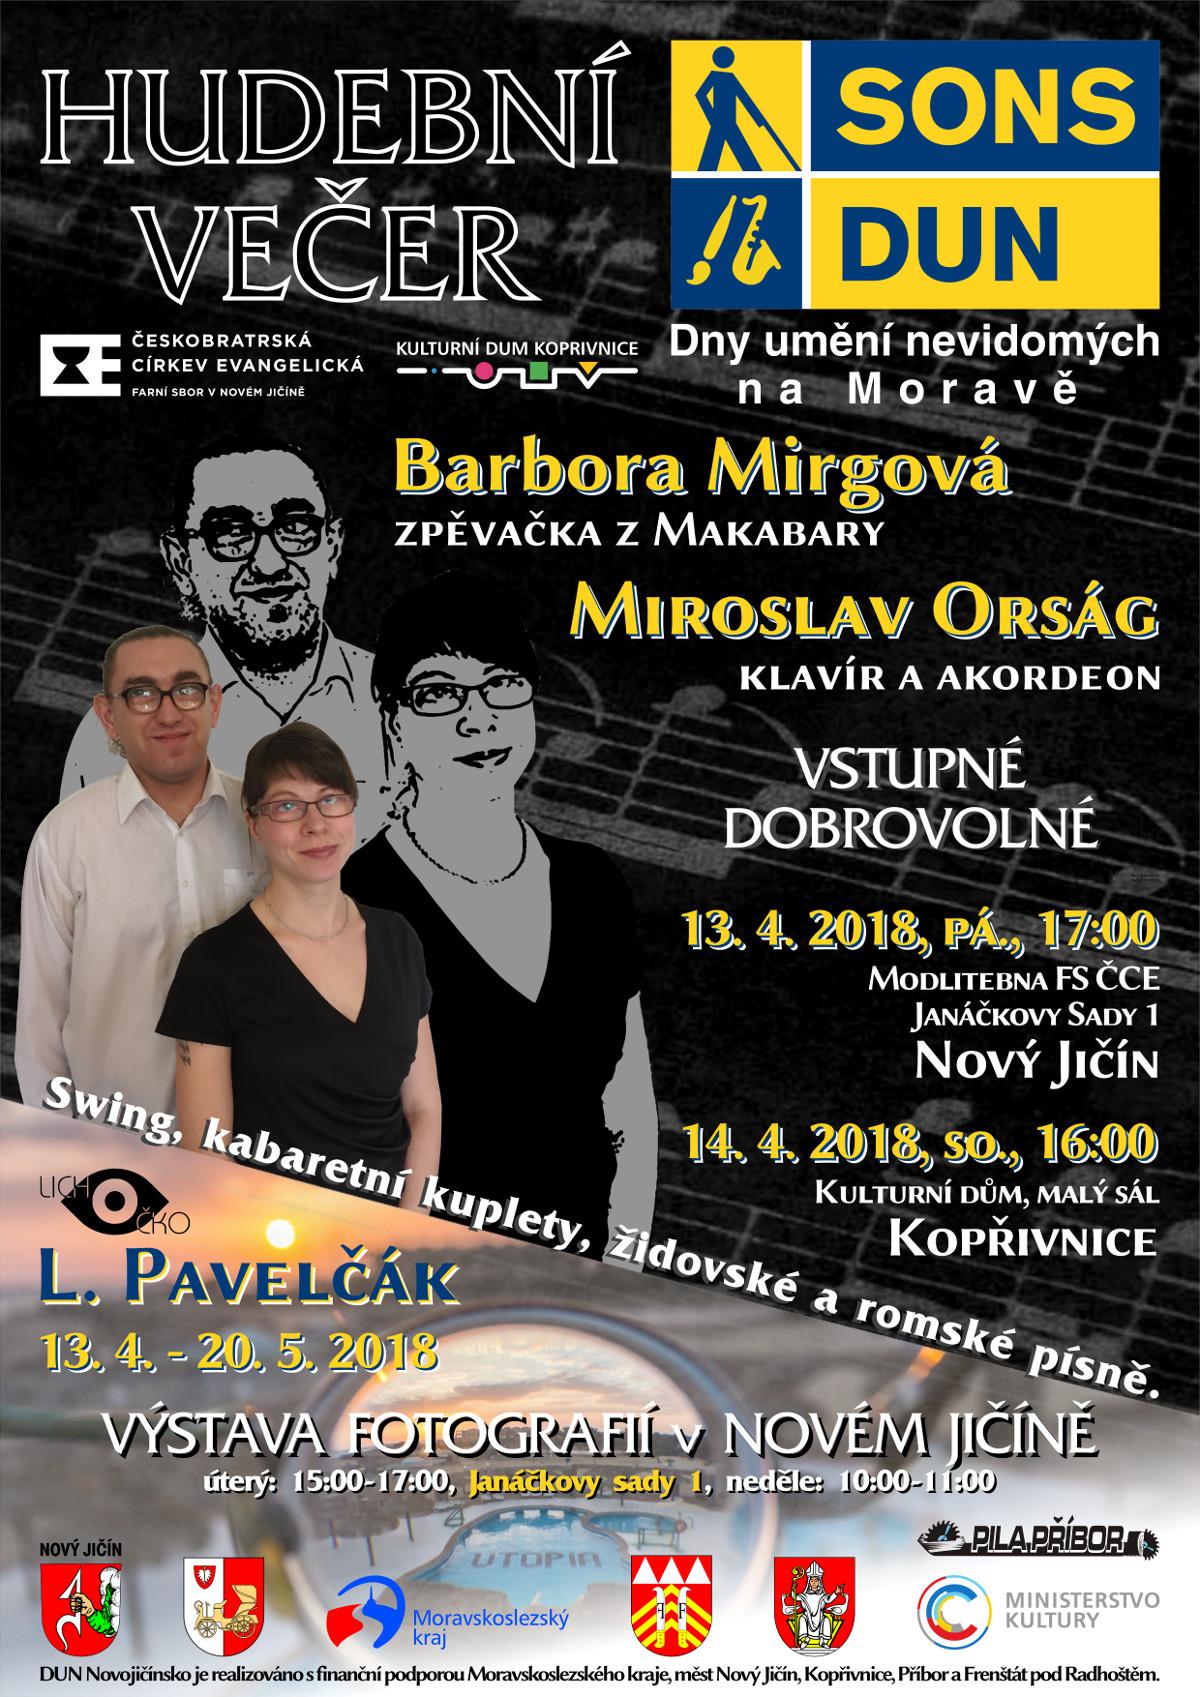 Pozvánka na Hudební večer v Novém Jičíně a Kopřivnici v rámci DUN na Moravě.